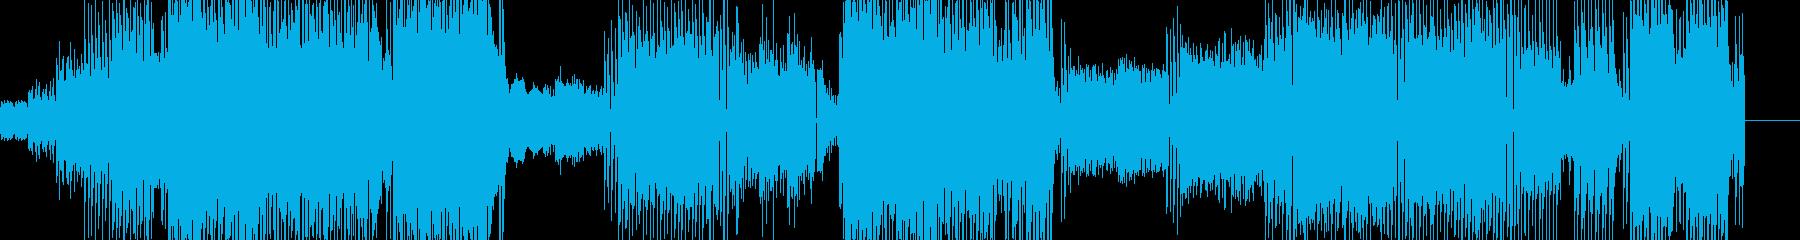 ポップな曲調にピコピコシンセの音を加え…の再生済みの波形